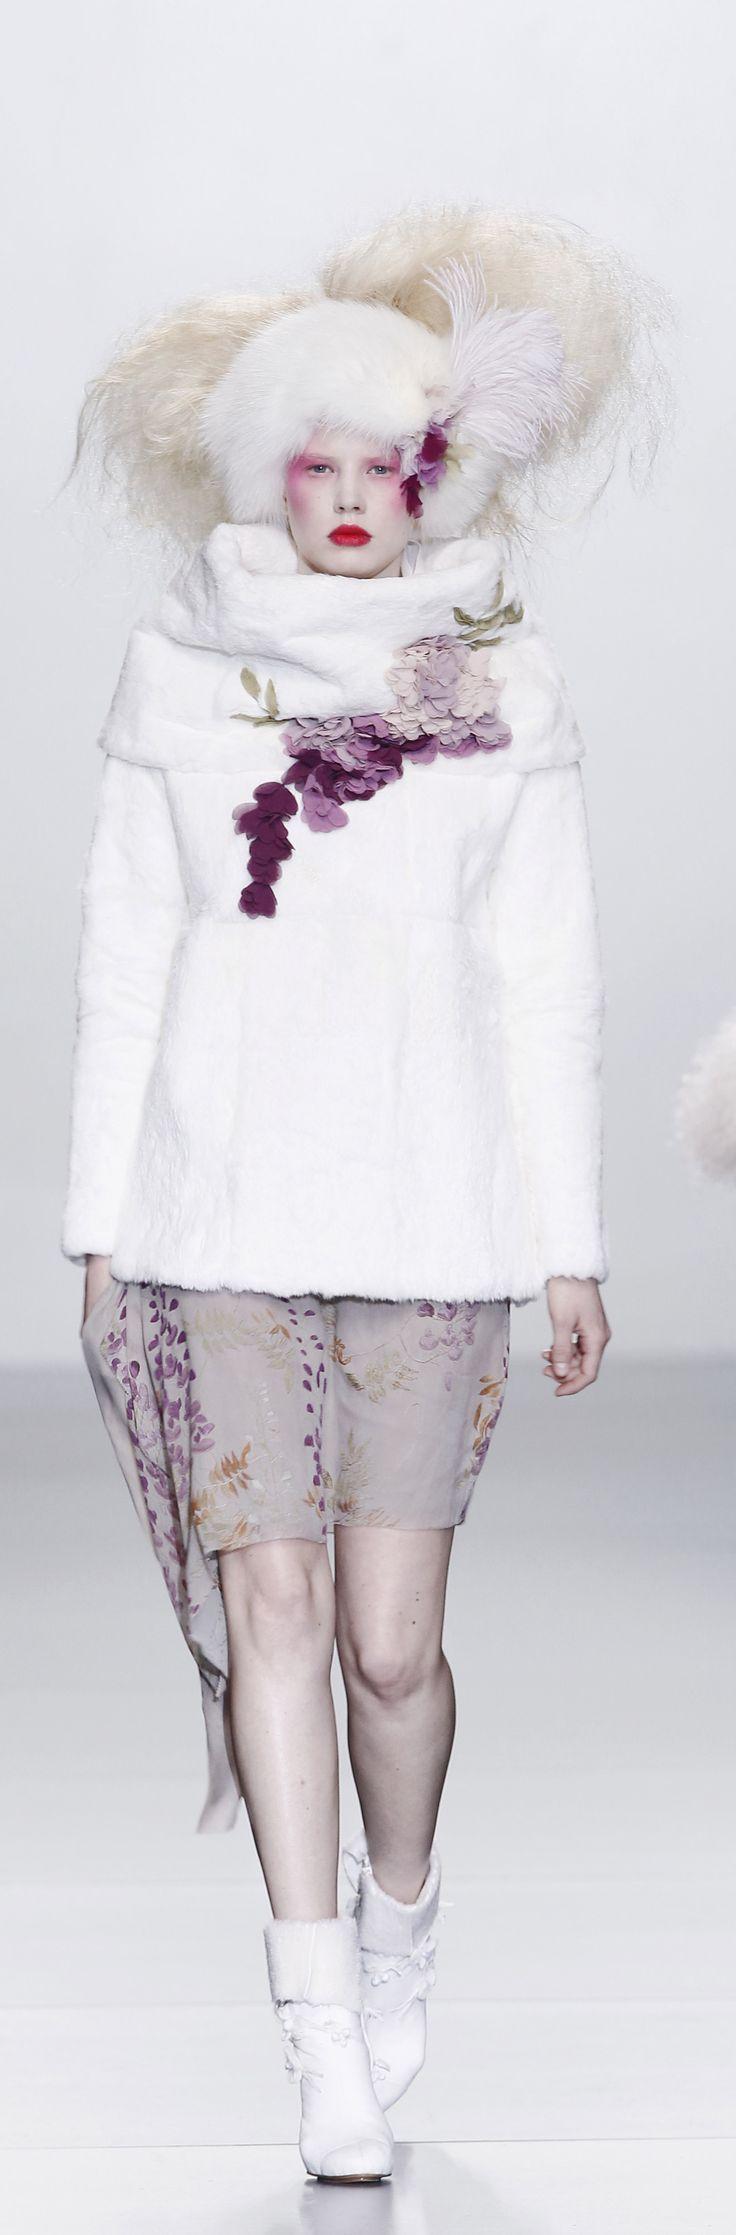 Elisa Palomino, Autumn/Winter 2011, Ready to Wear